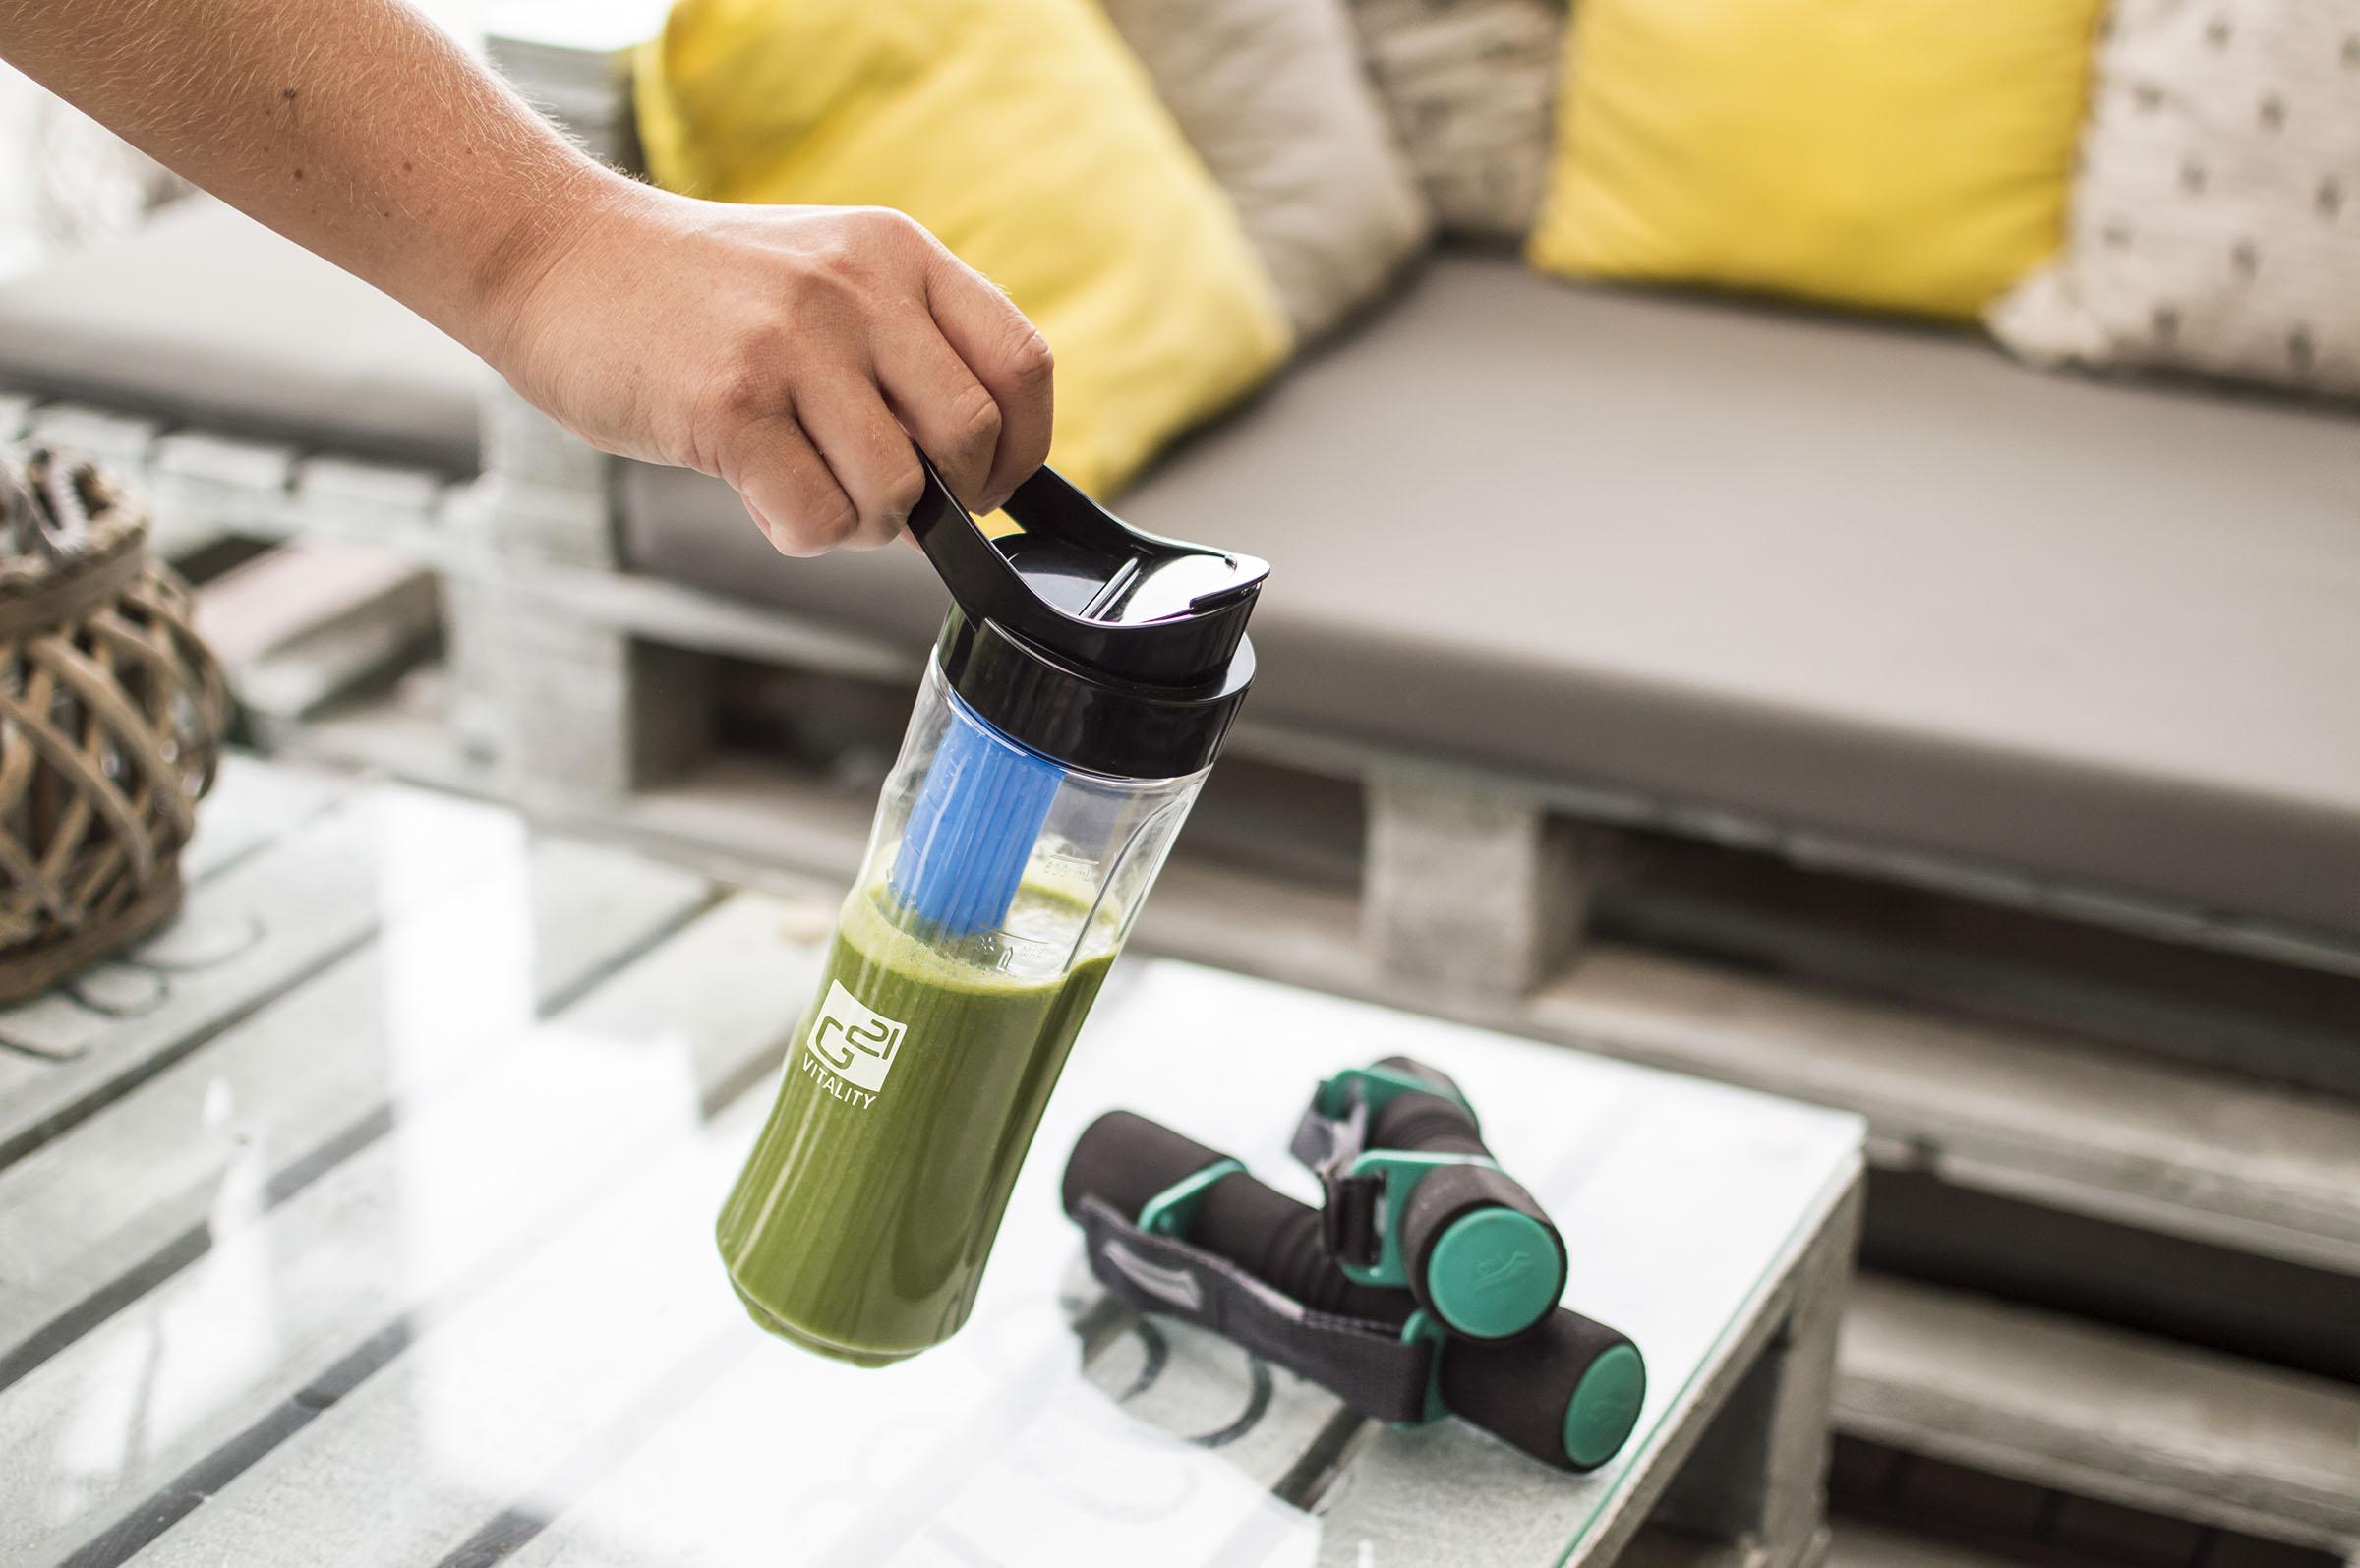 ruka držící smoothie maker nad stolem s odloženým vybavením na cvičení